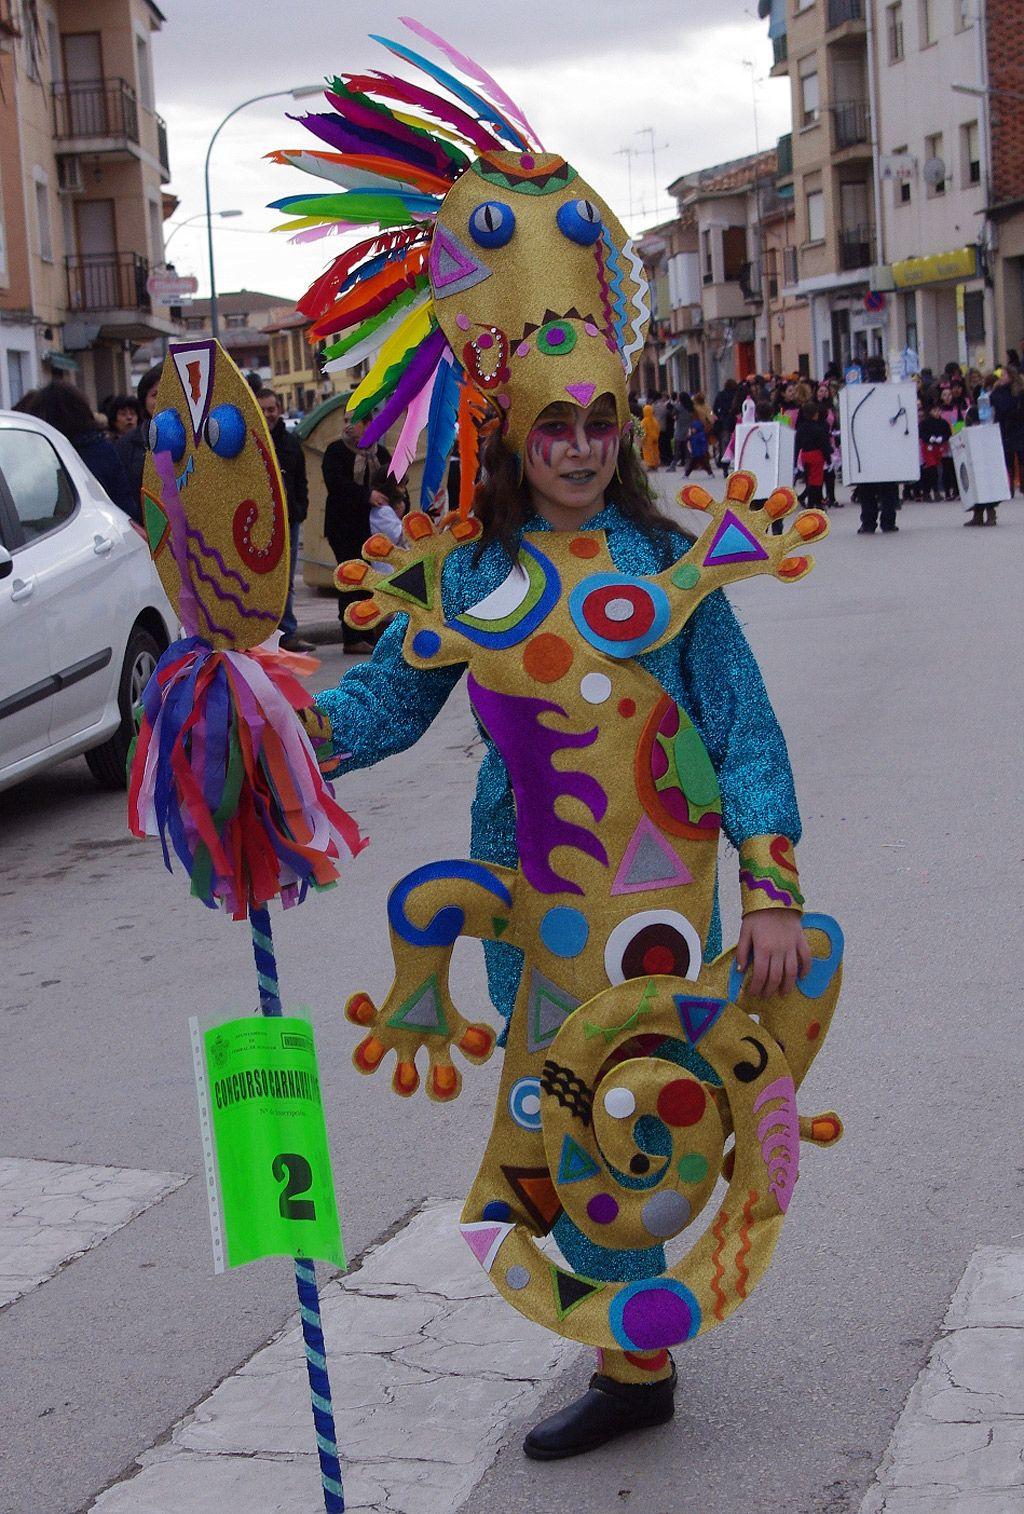 Disfraz de vespa buscar con google carnaval 2019 en - Disfraces carnaval original ...